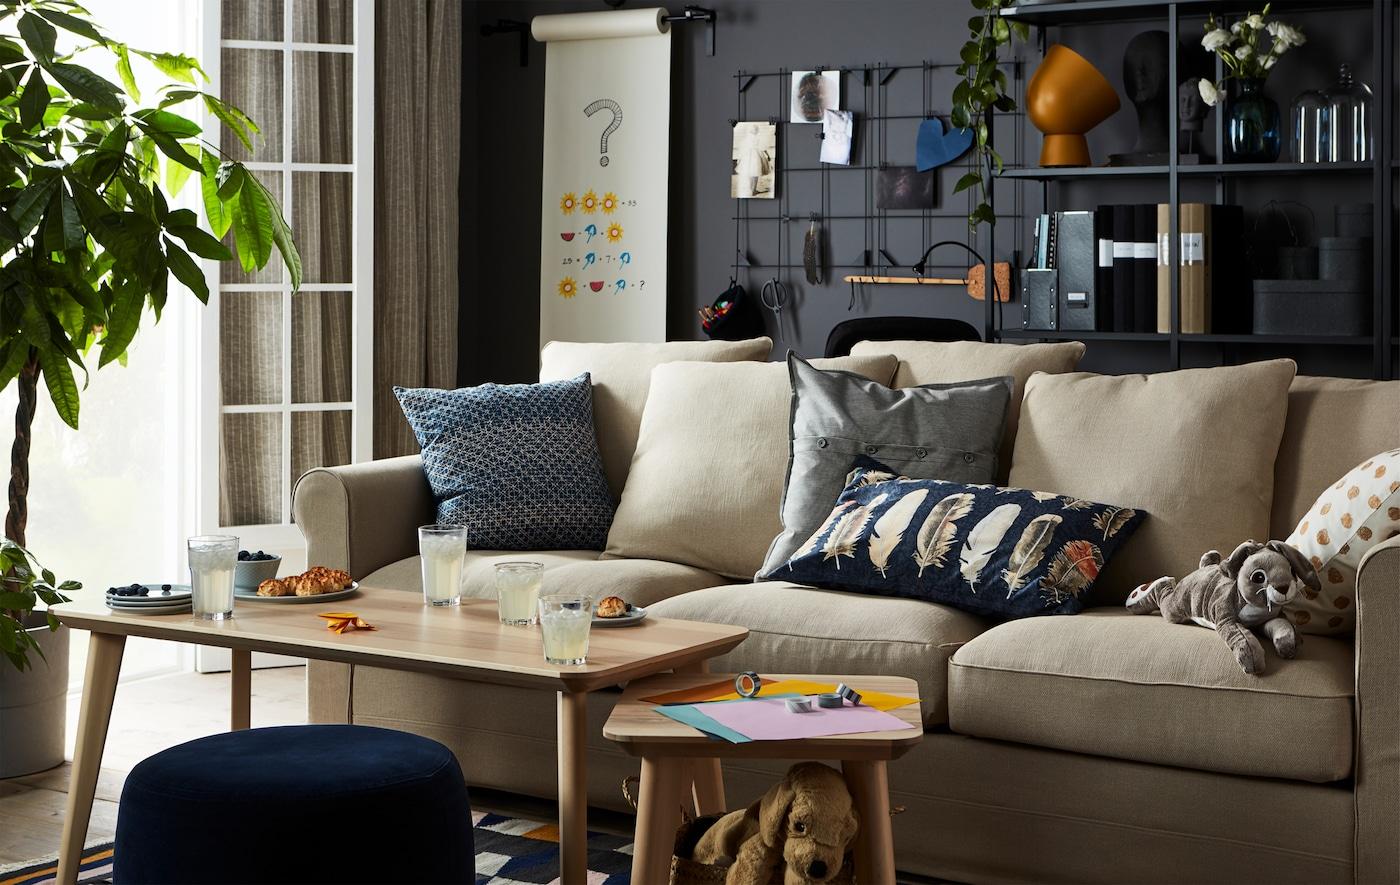 Dnevna soba sa sofom i stočićem za kafu, na kojem se odvija savijanje origamija uz grickalice i piće.